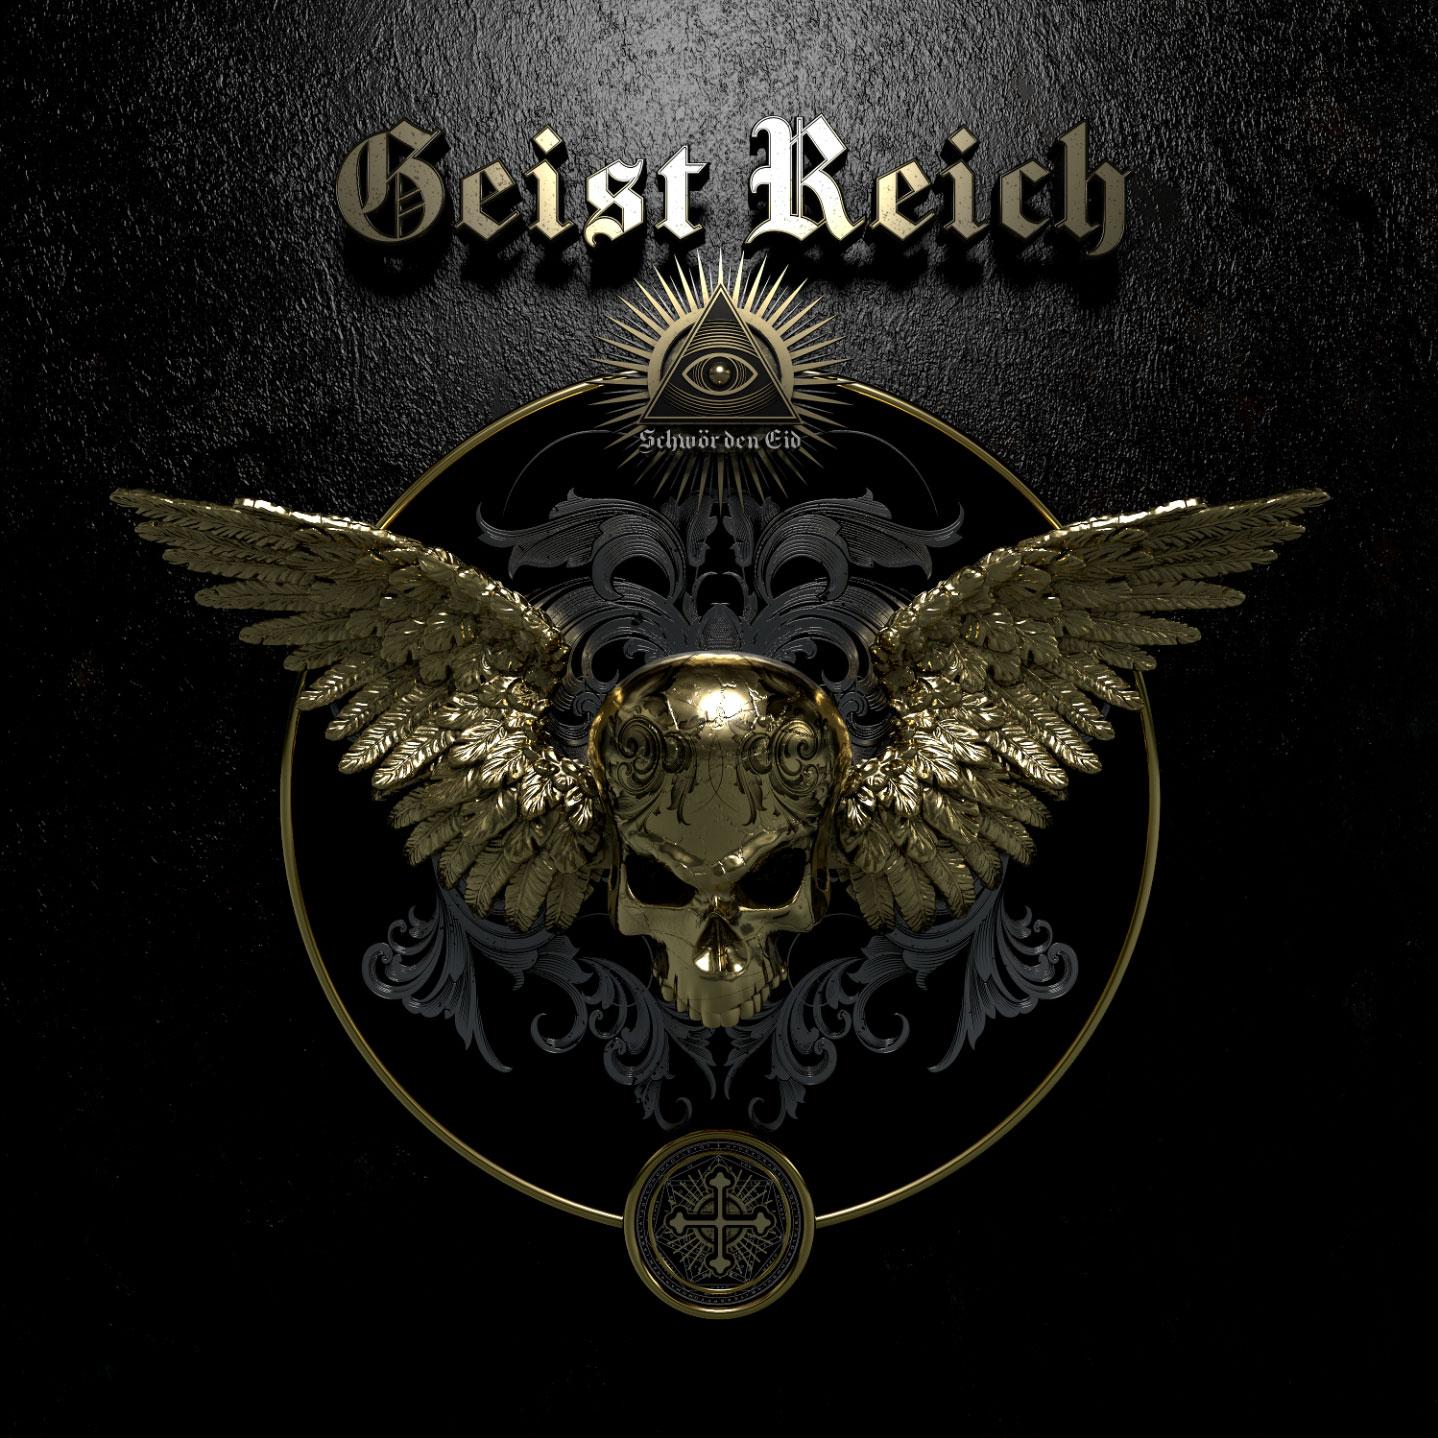 geist-reich-01